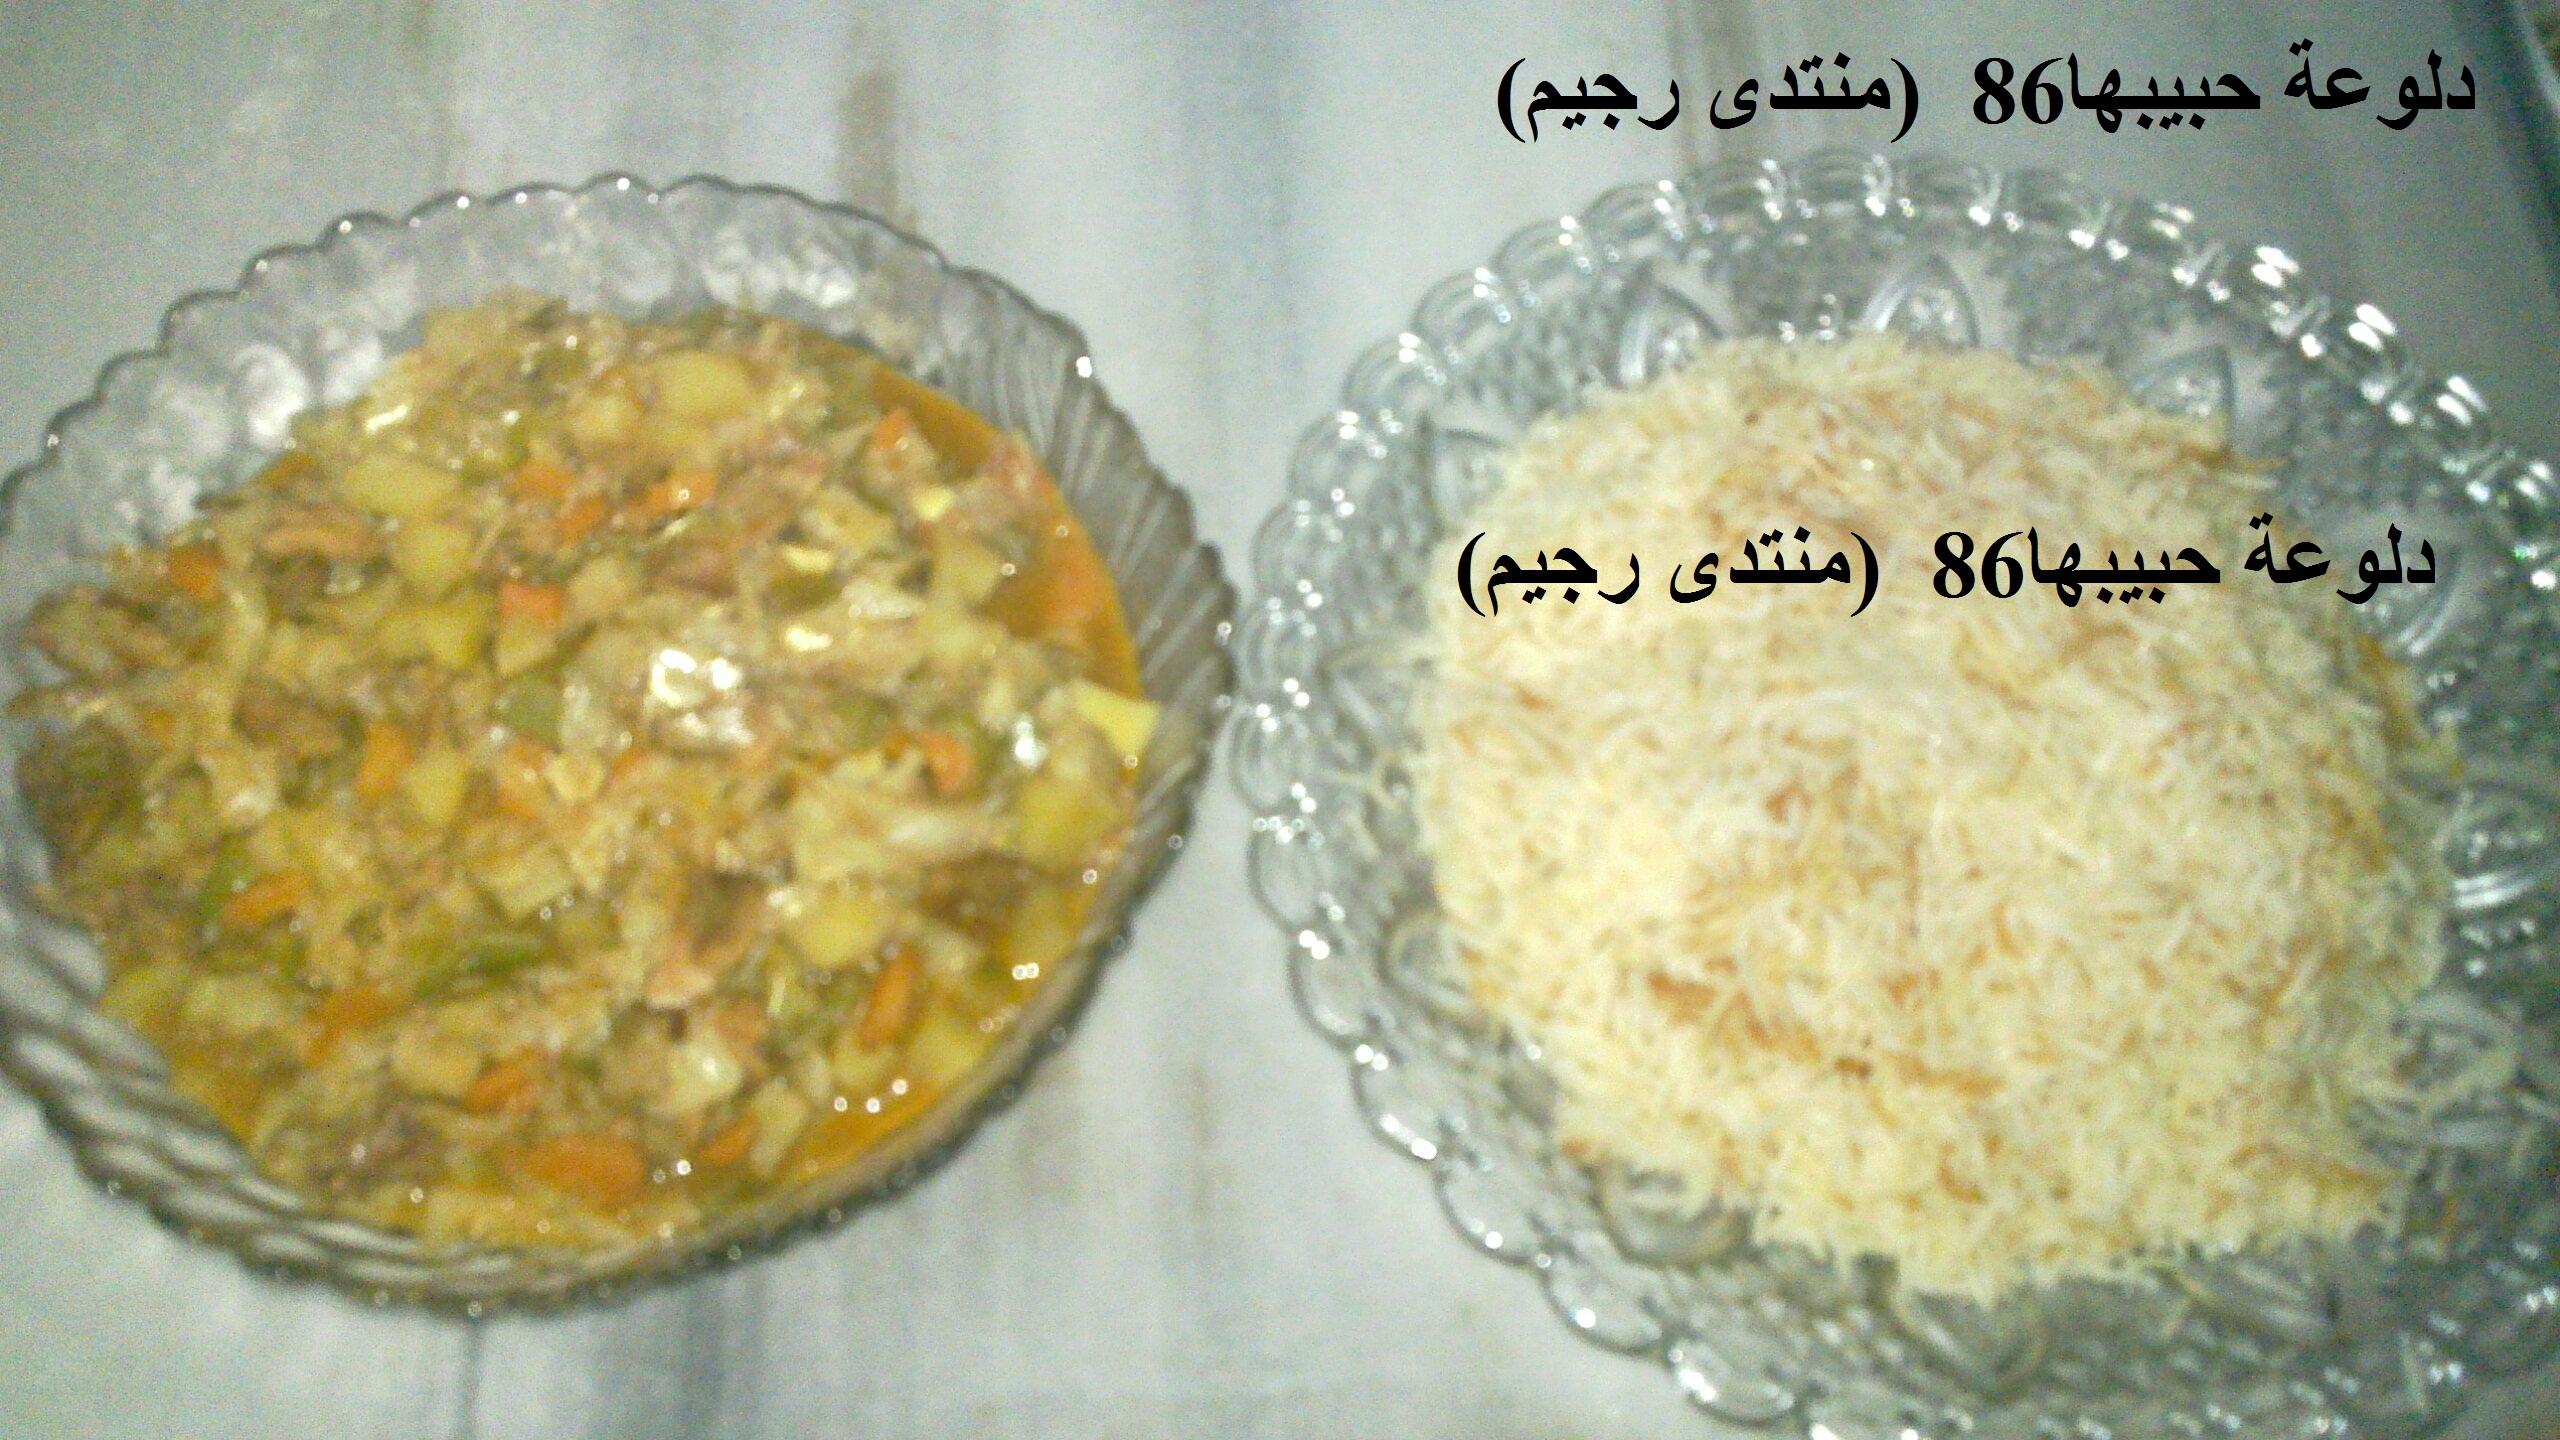 ترياكي الدجاج بالصور من مطبخي روعة 13541442795.jpg